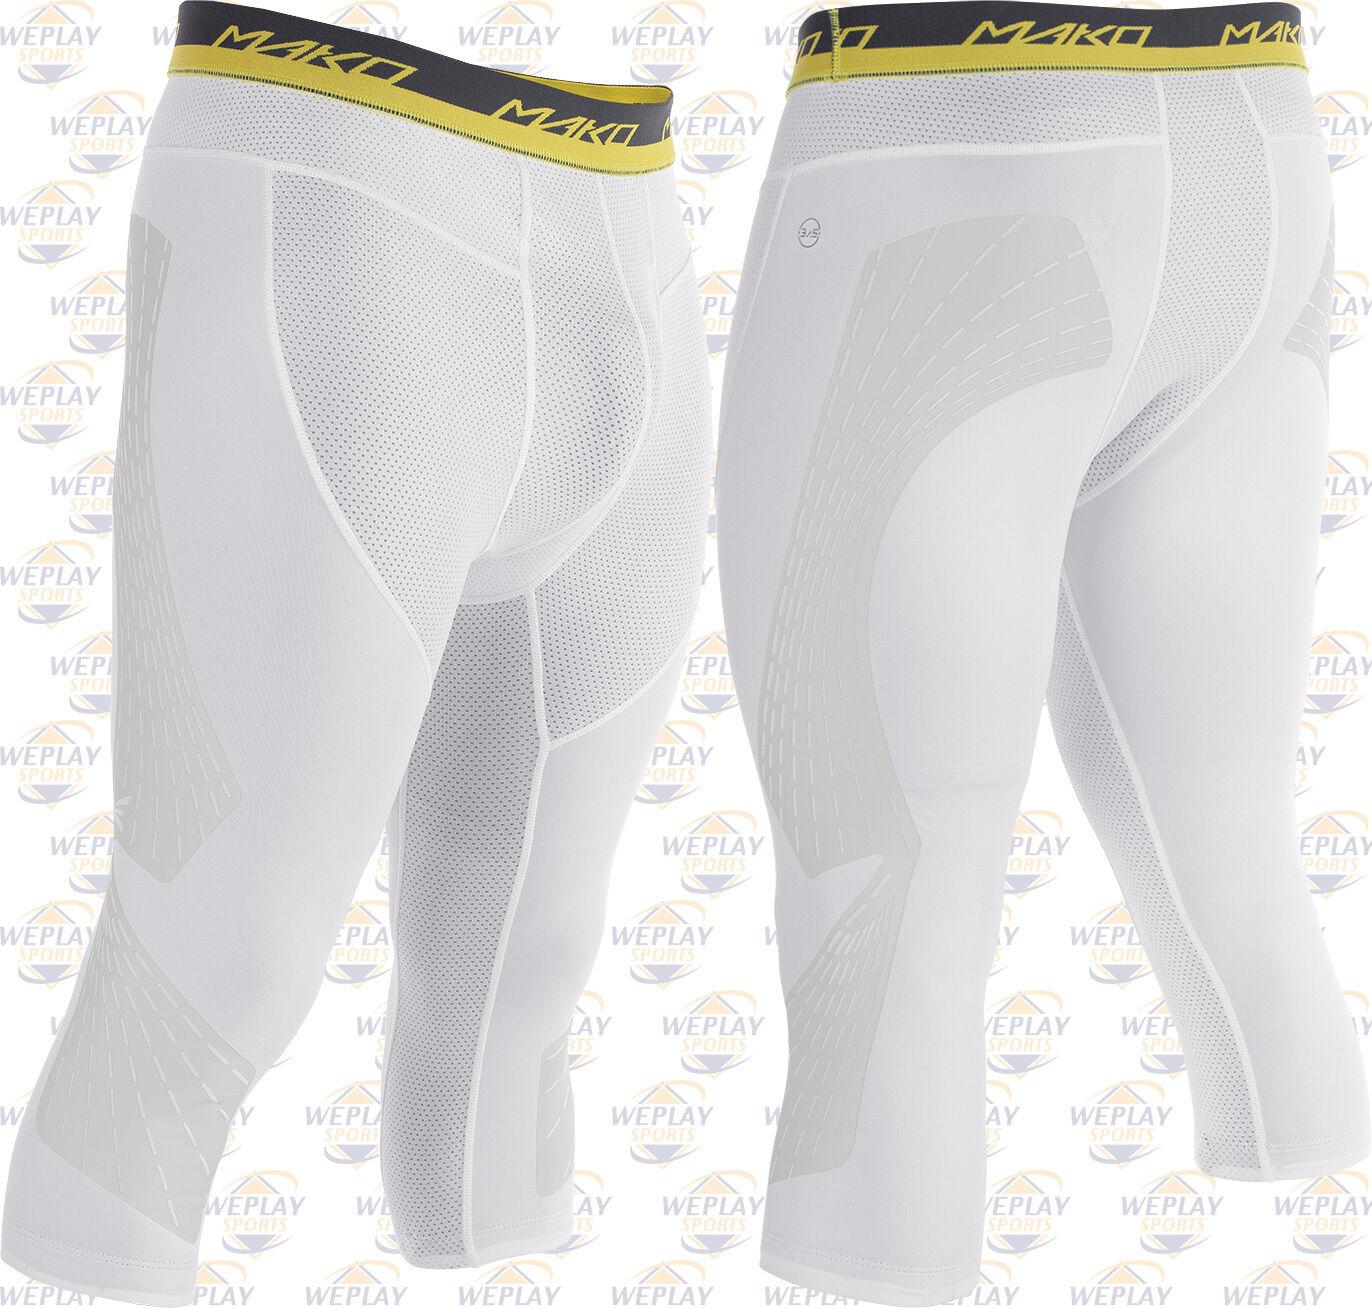 Easton Mako Adulto para Hombre de  Béisbol 3 4 Largoitud pantalones cortos de deslizamiento A167916-blancoo  tienda de pescado para la venta